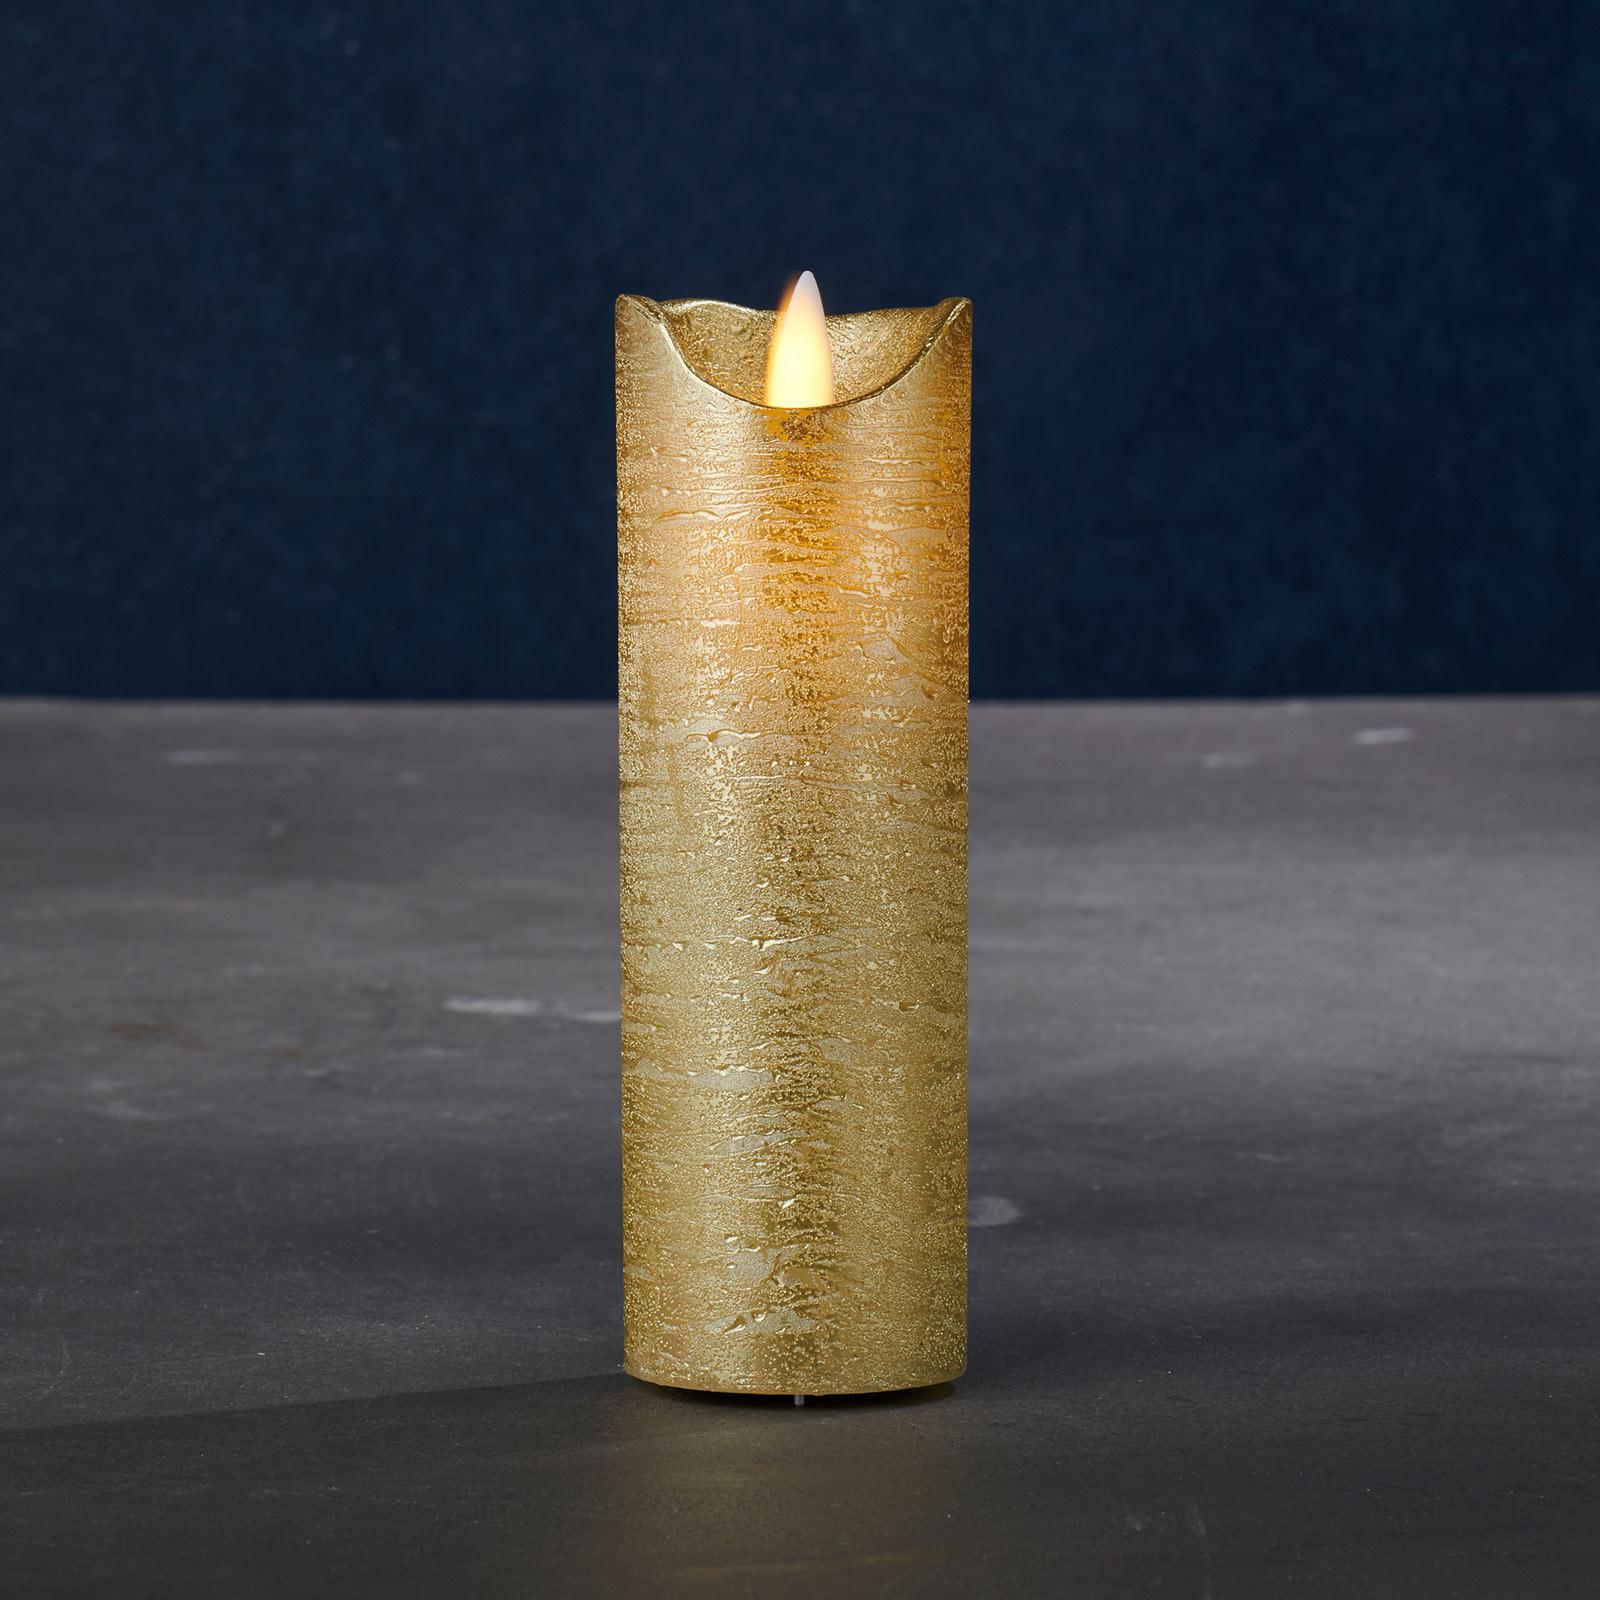 Bougie LED Sara Exclusive or Ø 5cm hauteur 15cm